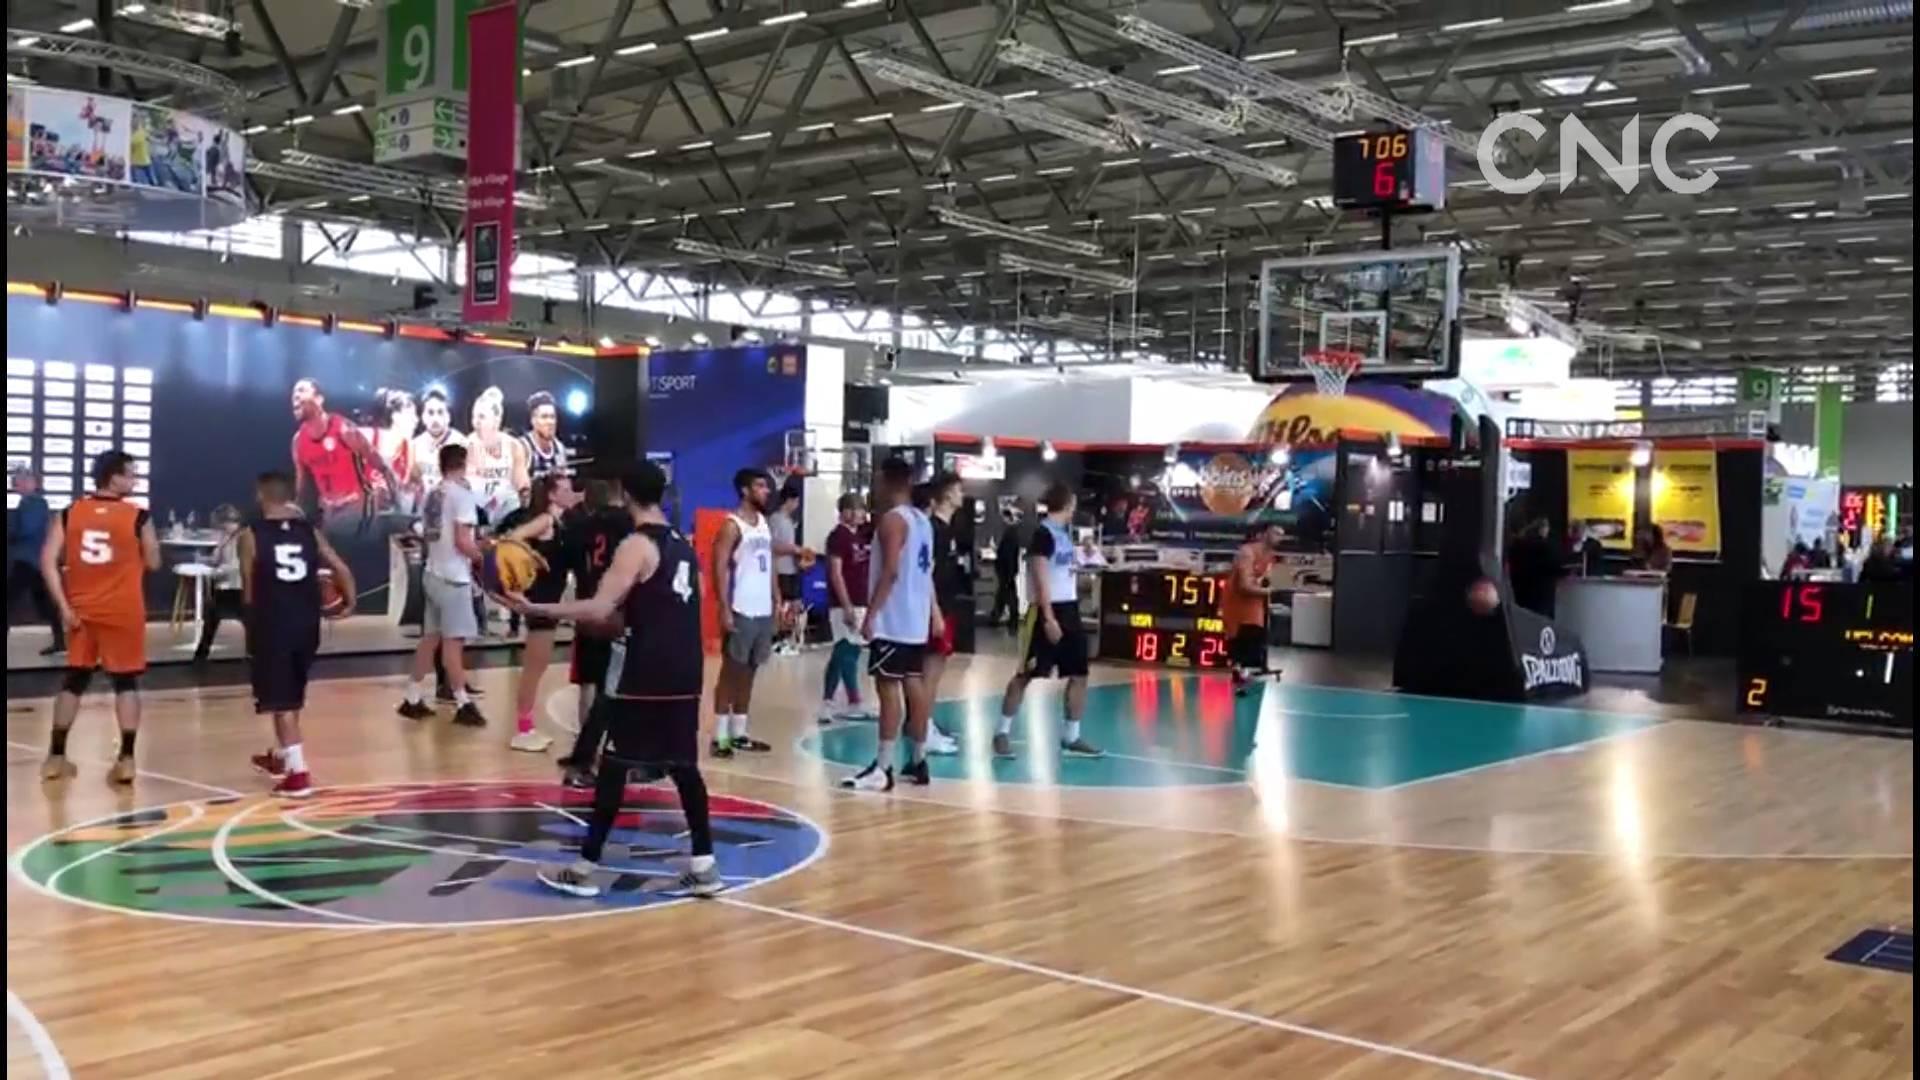 德国科隆体育与休闲设施展开幕